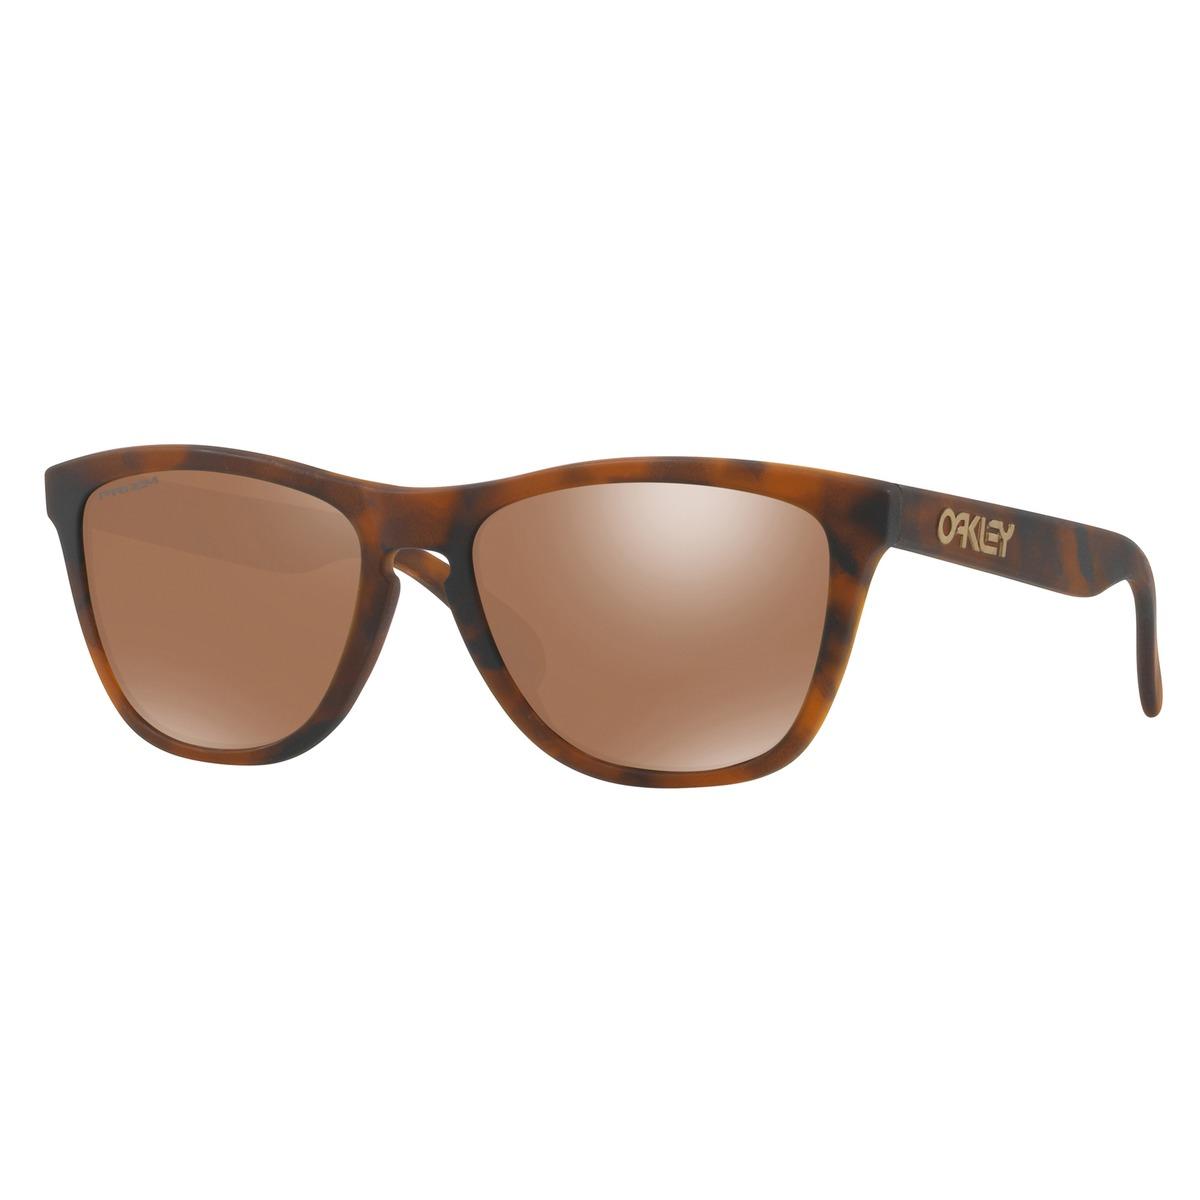 oakley solbriller bodø